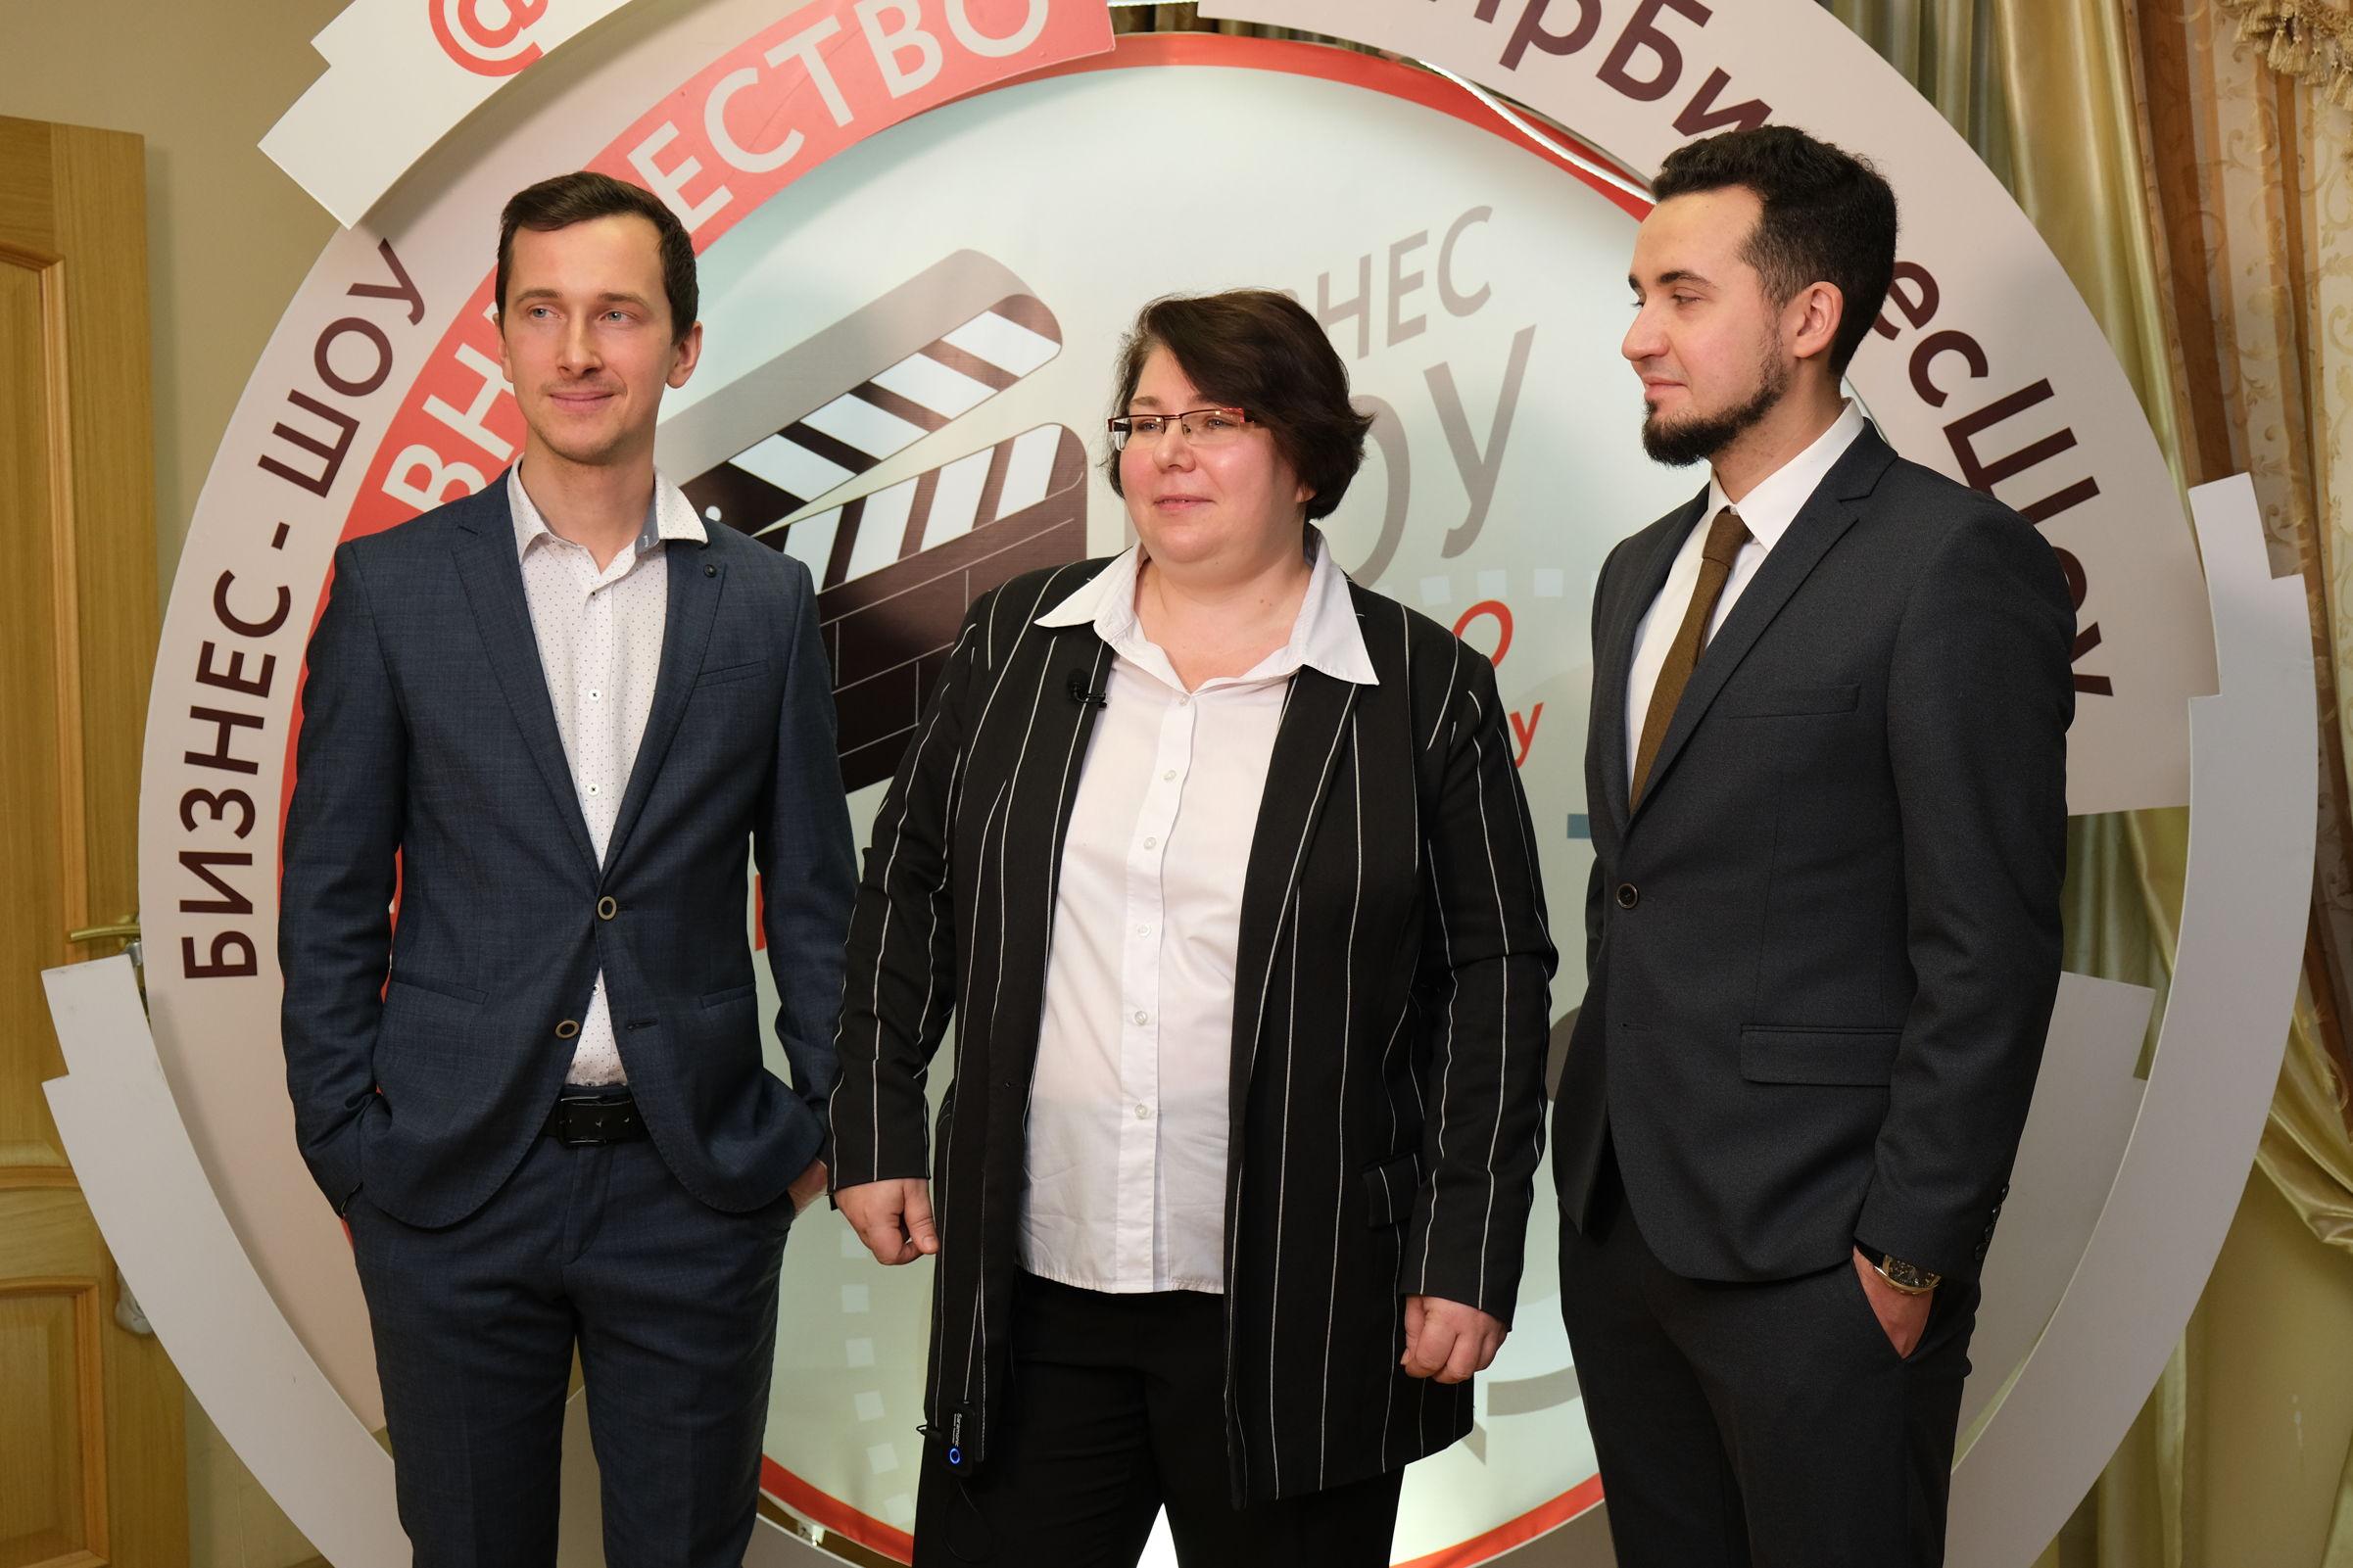 Бизнес-шоу «Наставничество» стало первым интерактивным онлайн-проектом такого наполнения в регионе